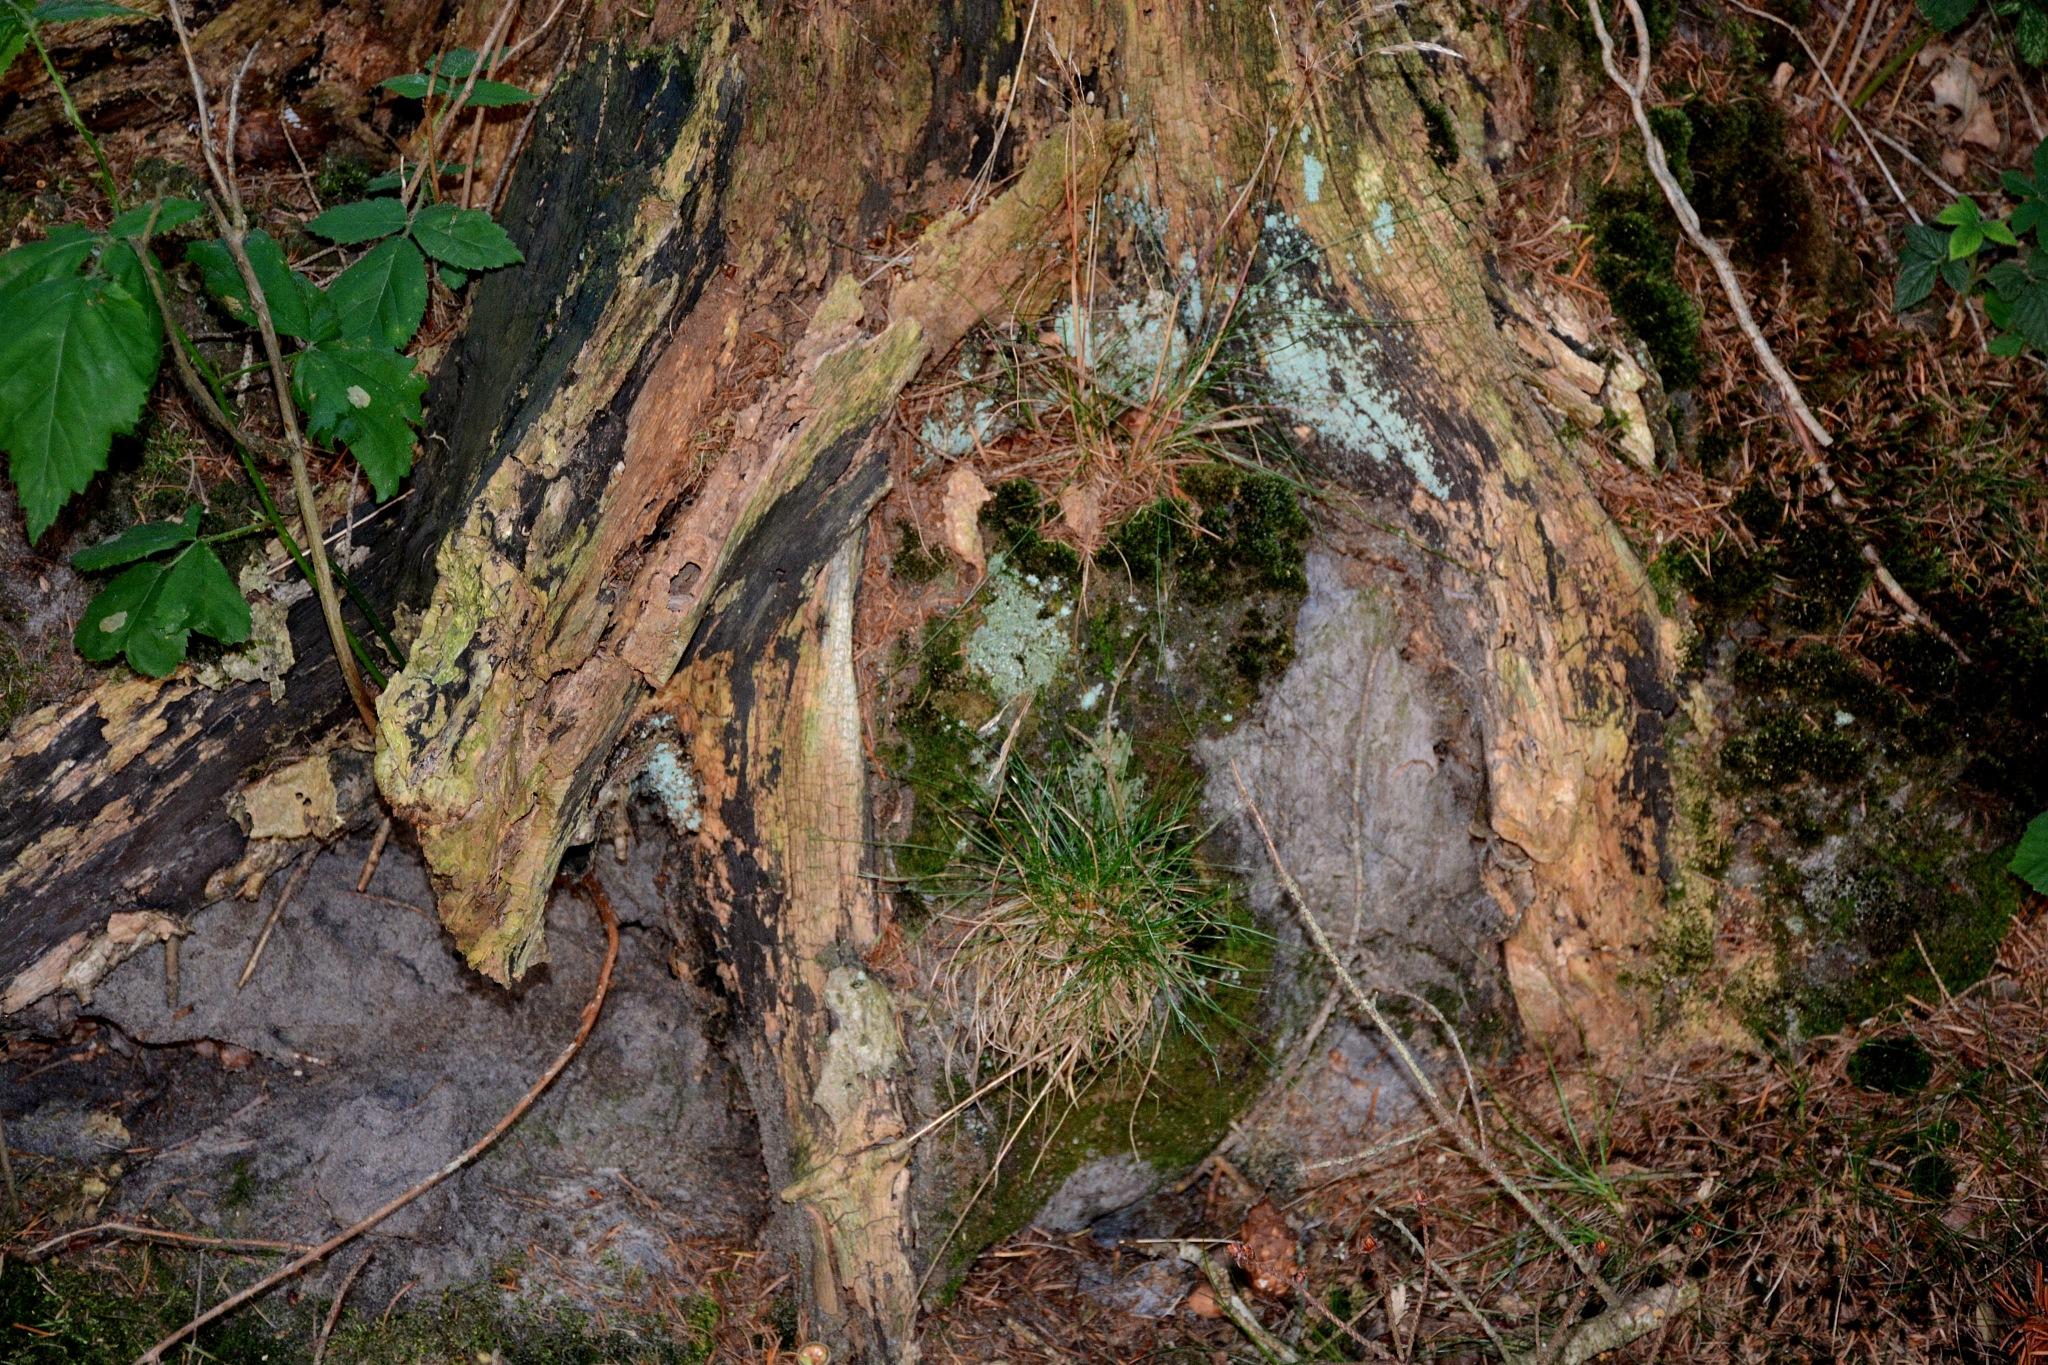 Old tree by Jacob van der Veen